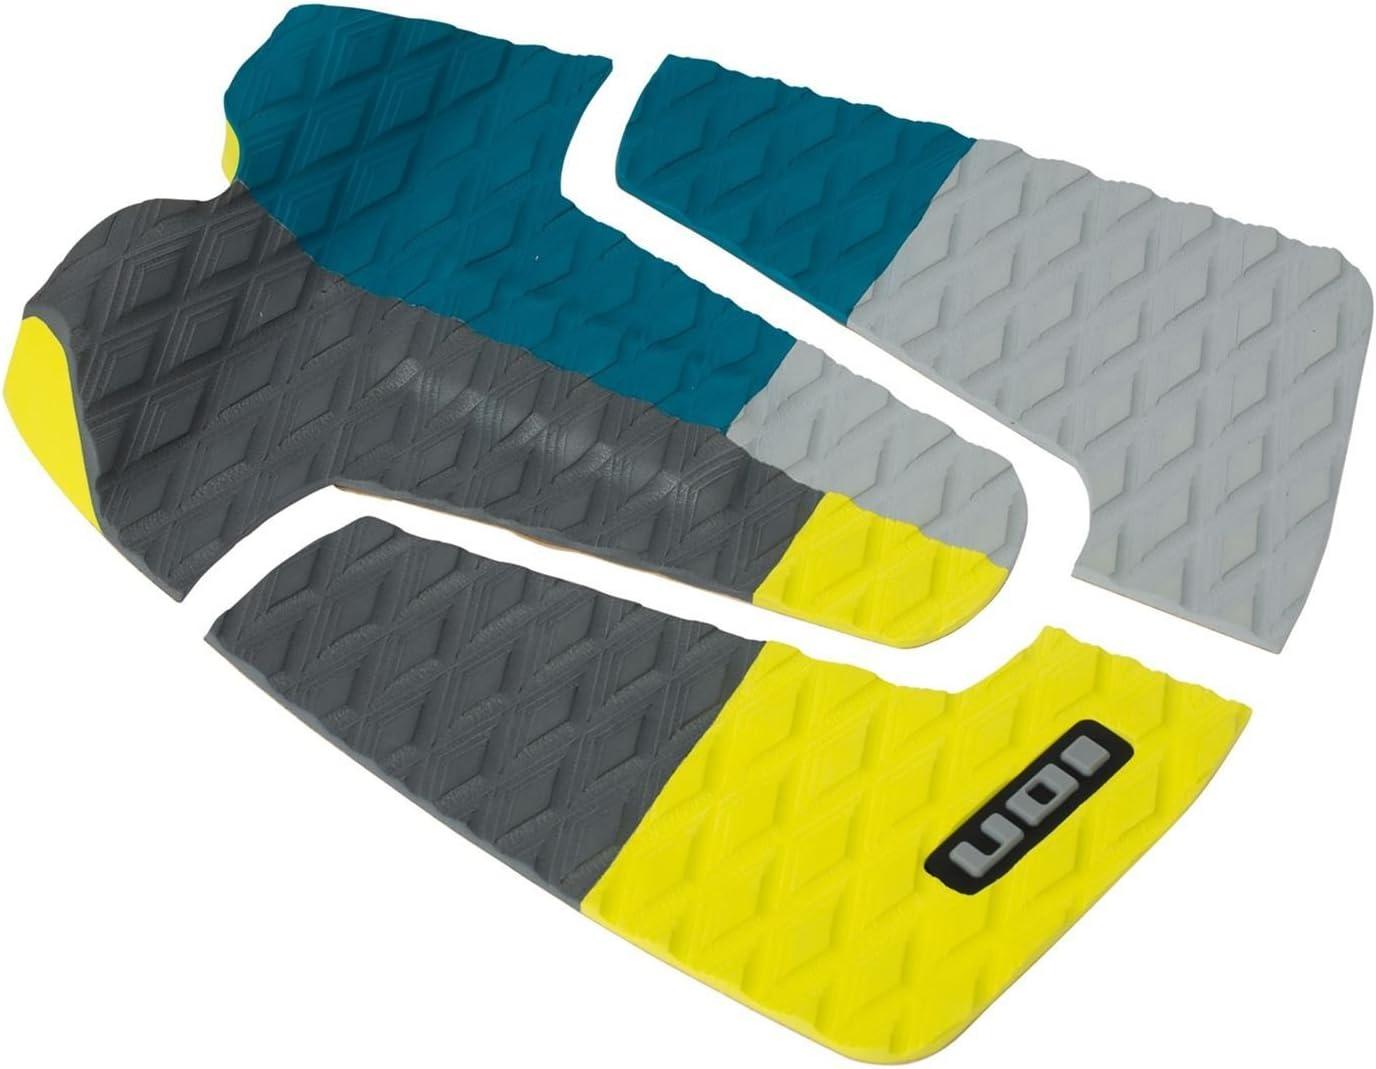 Litio footpad Deck Grip de 3 piezas color azul/gris/amarillo surf Board onda Jinete Kite Board Pad: Amazon.es: Deportes y aire libre